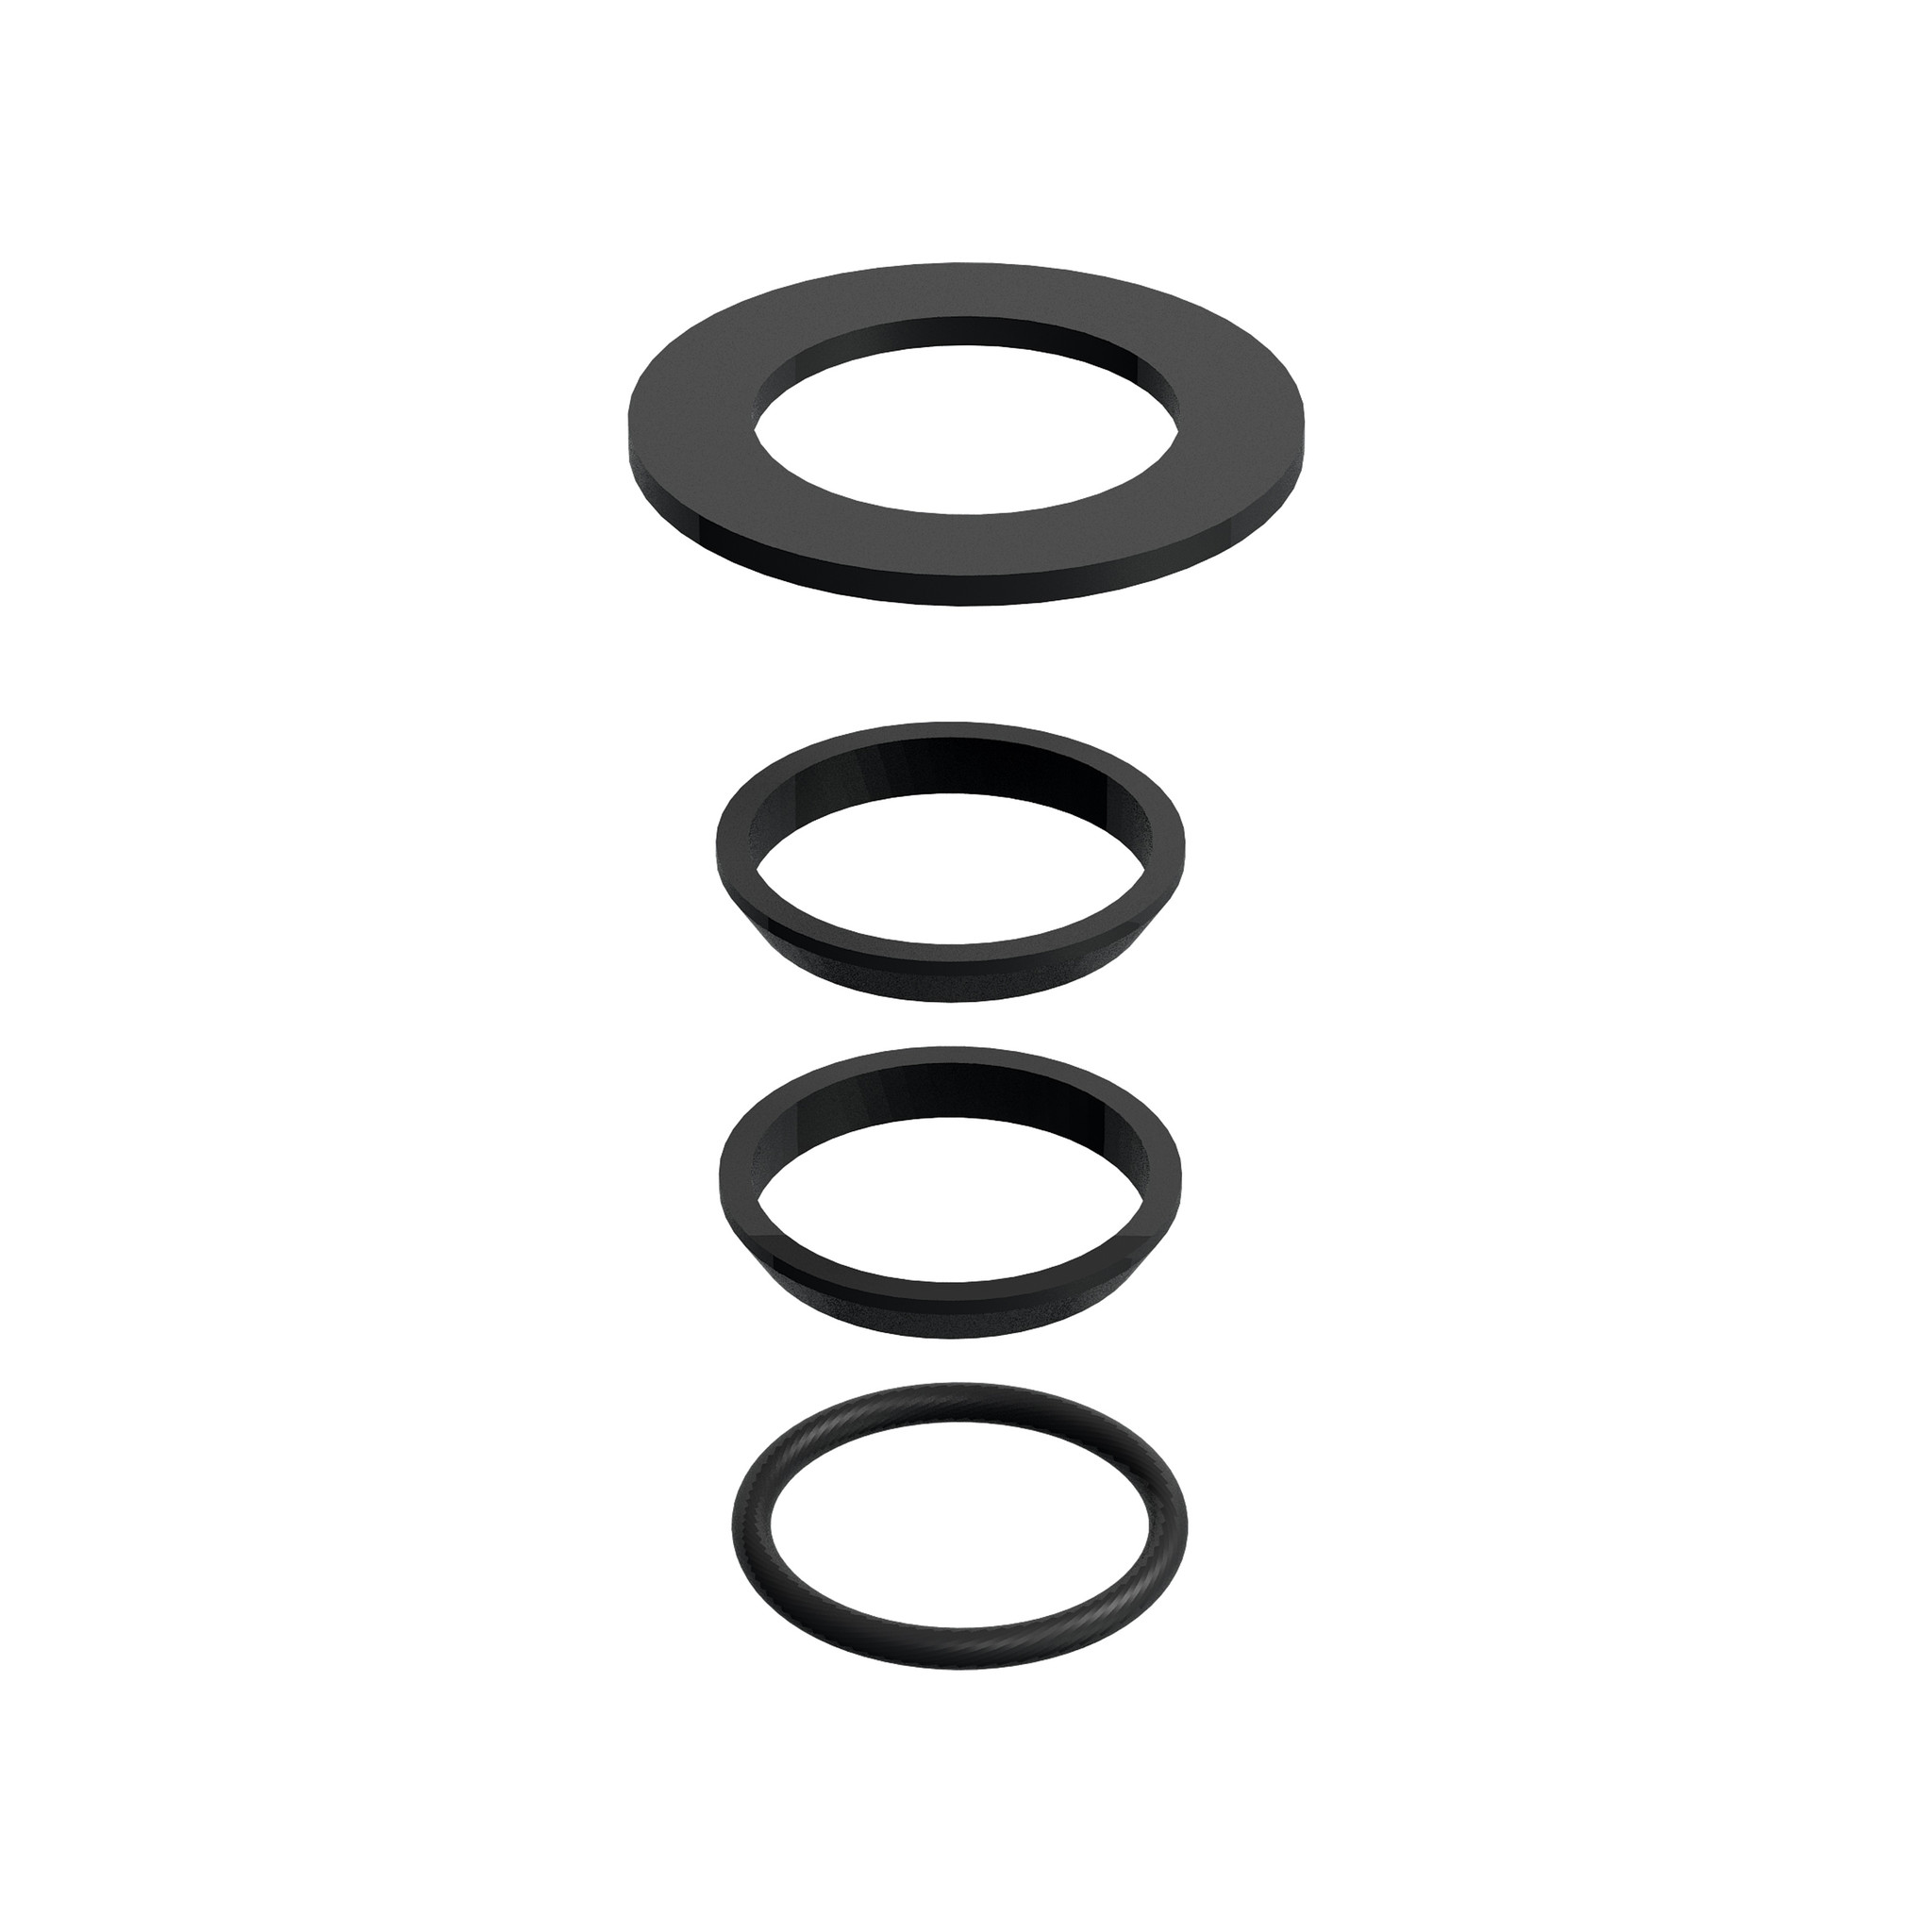 Minisuk Minisuk set O-rings